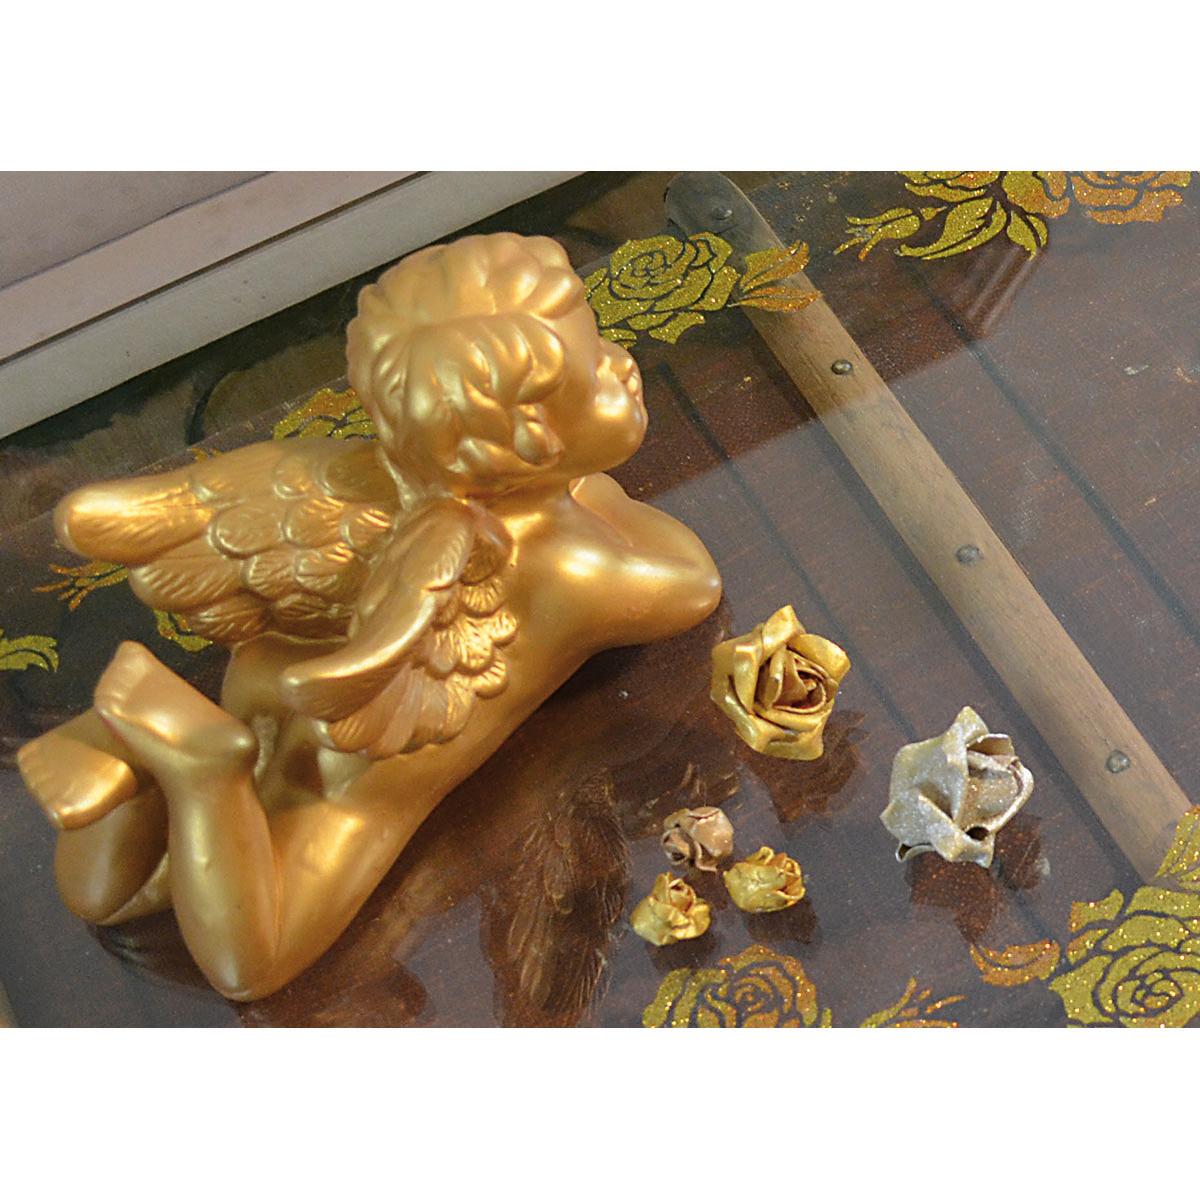 Viva Decor Inka Gold 62.5g-Old Gold